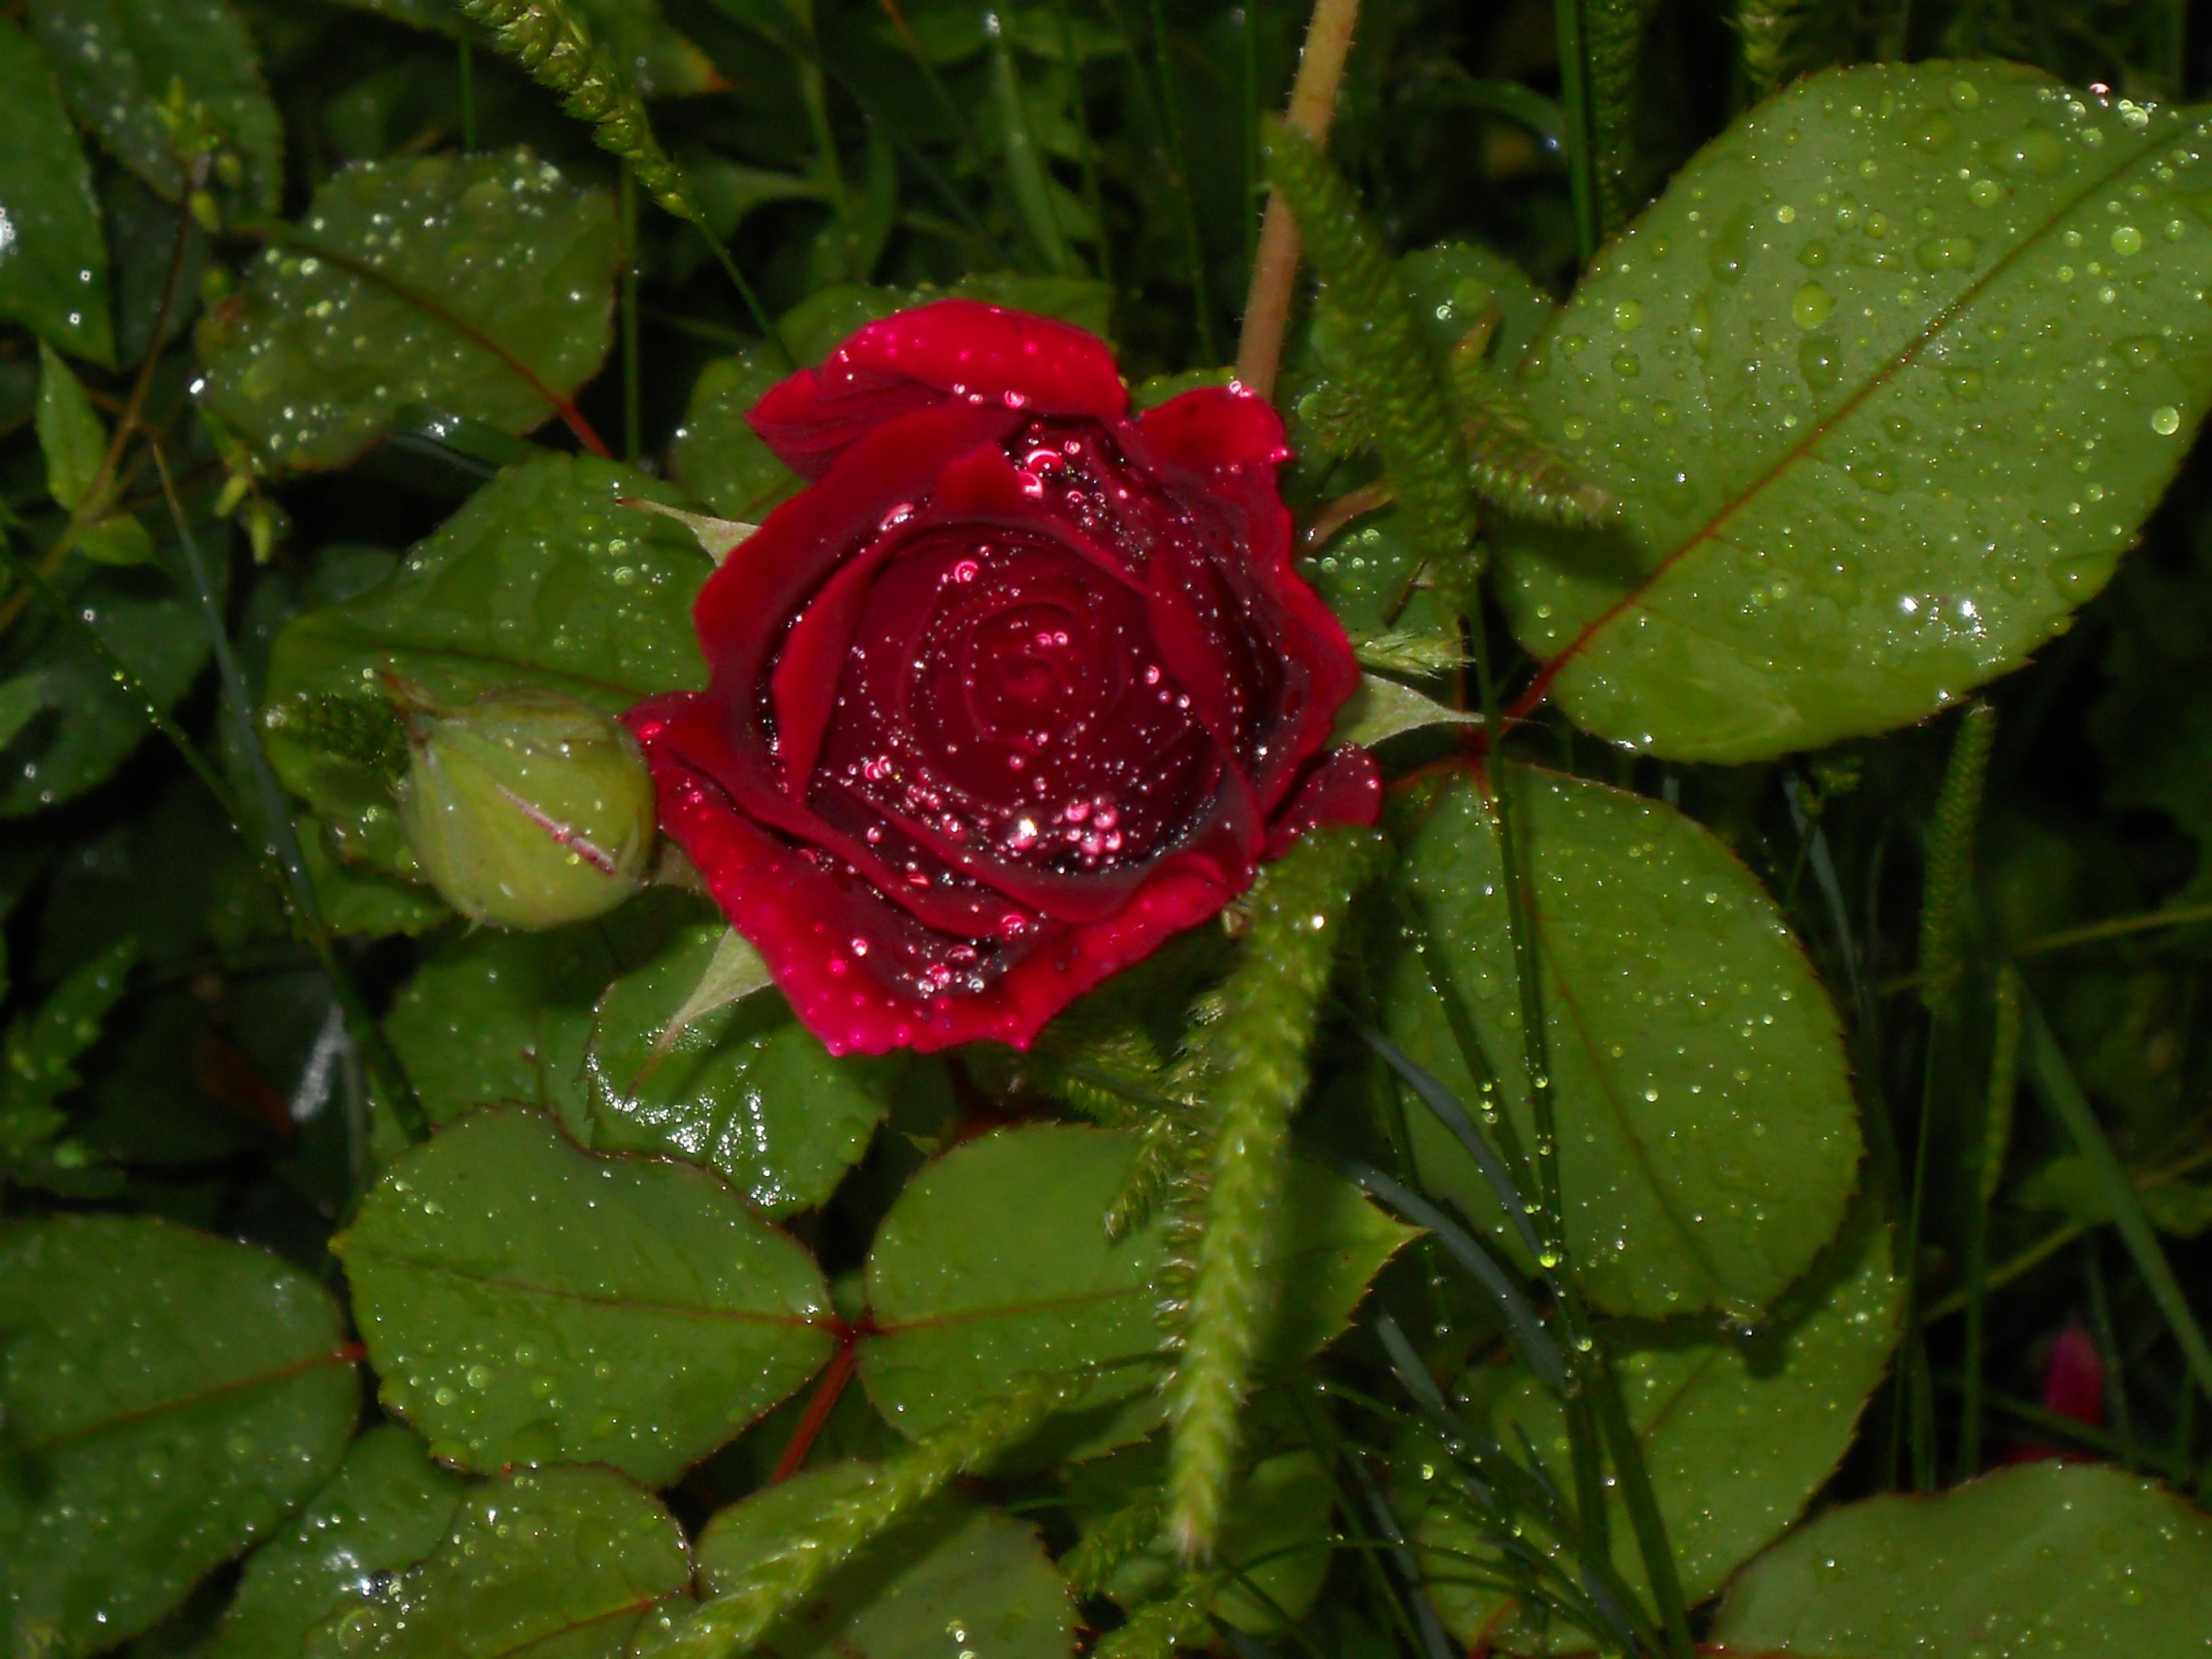 The last Autumn Rose